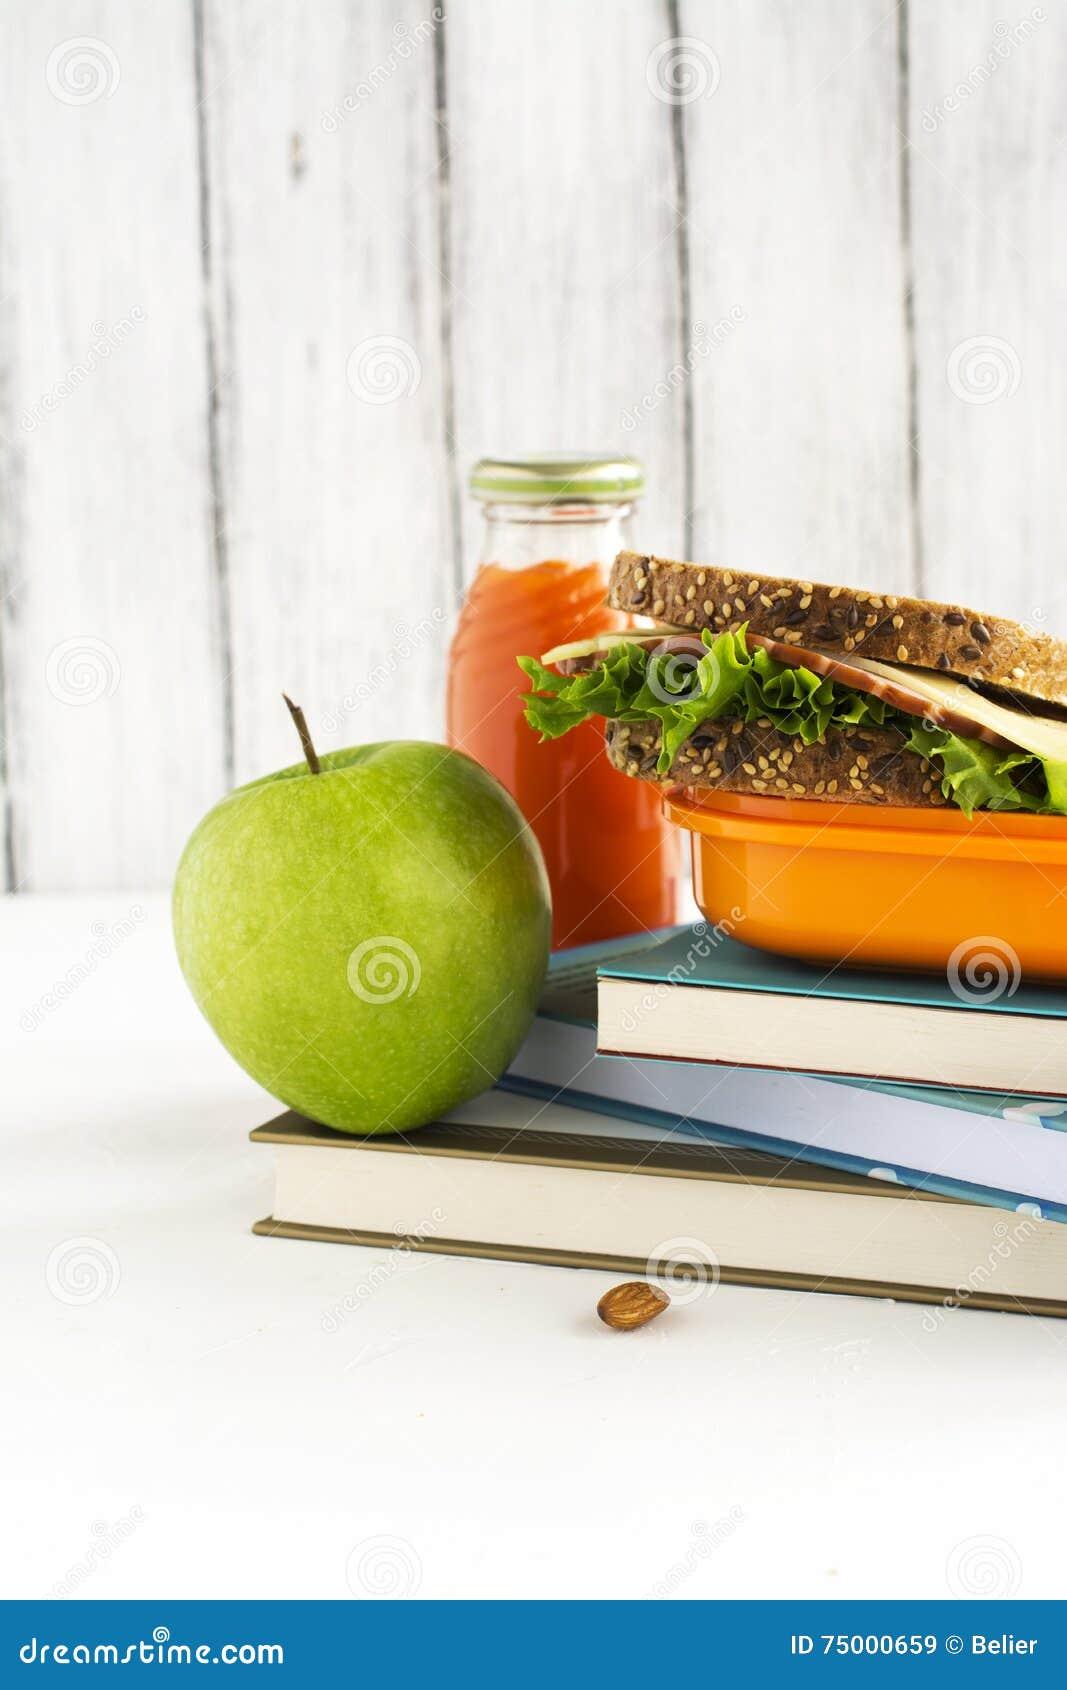 Schoolmaaltijddoos met sandwich, vruchten en noten